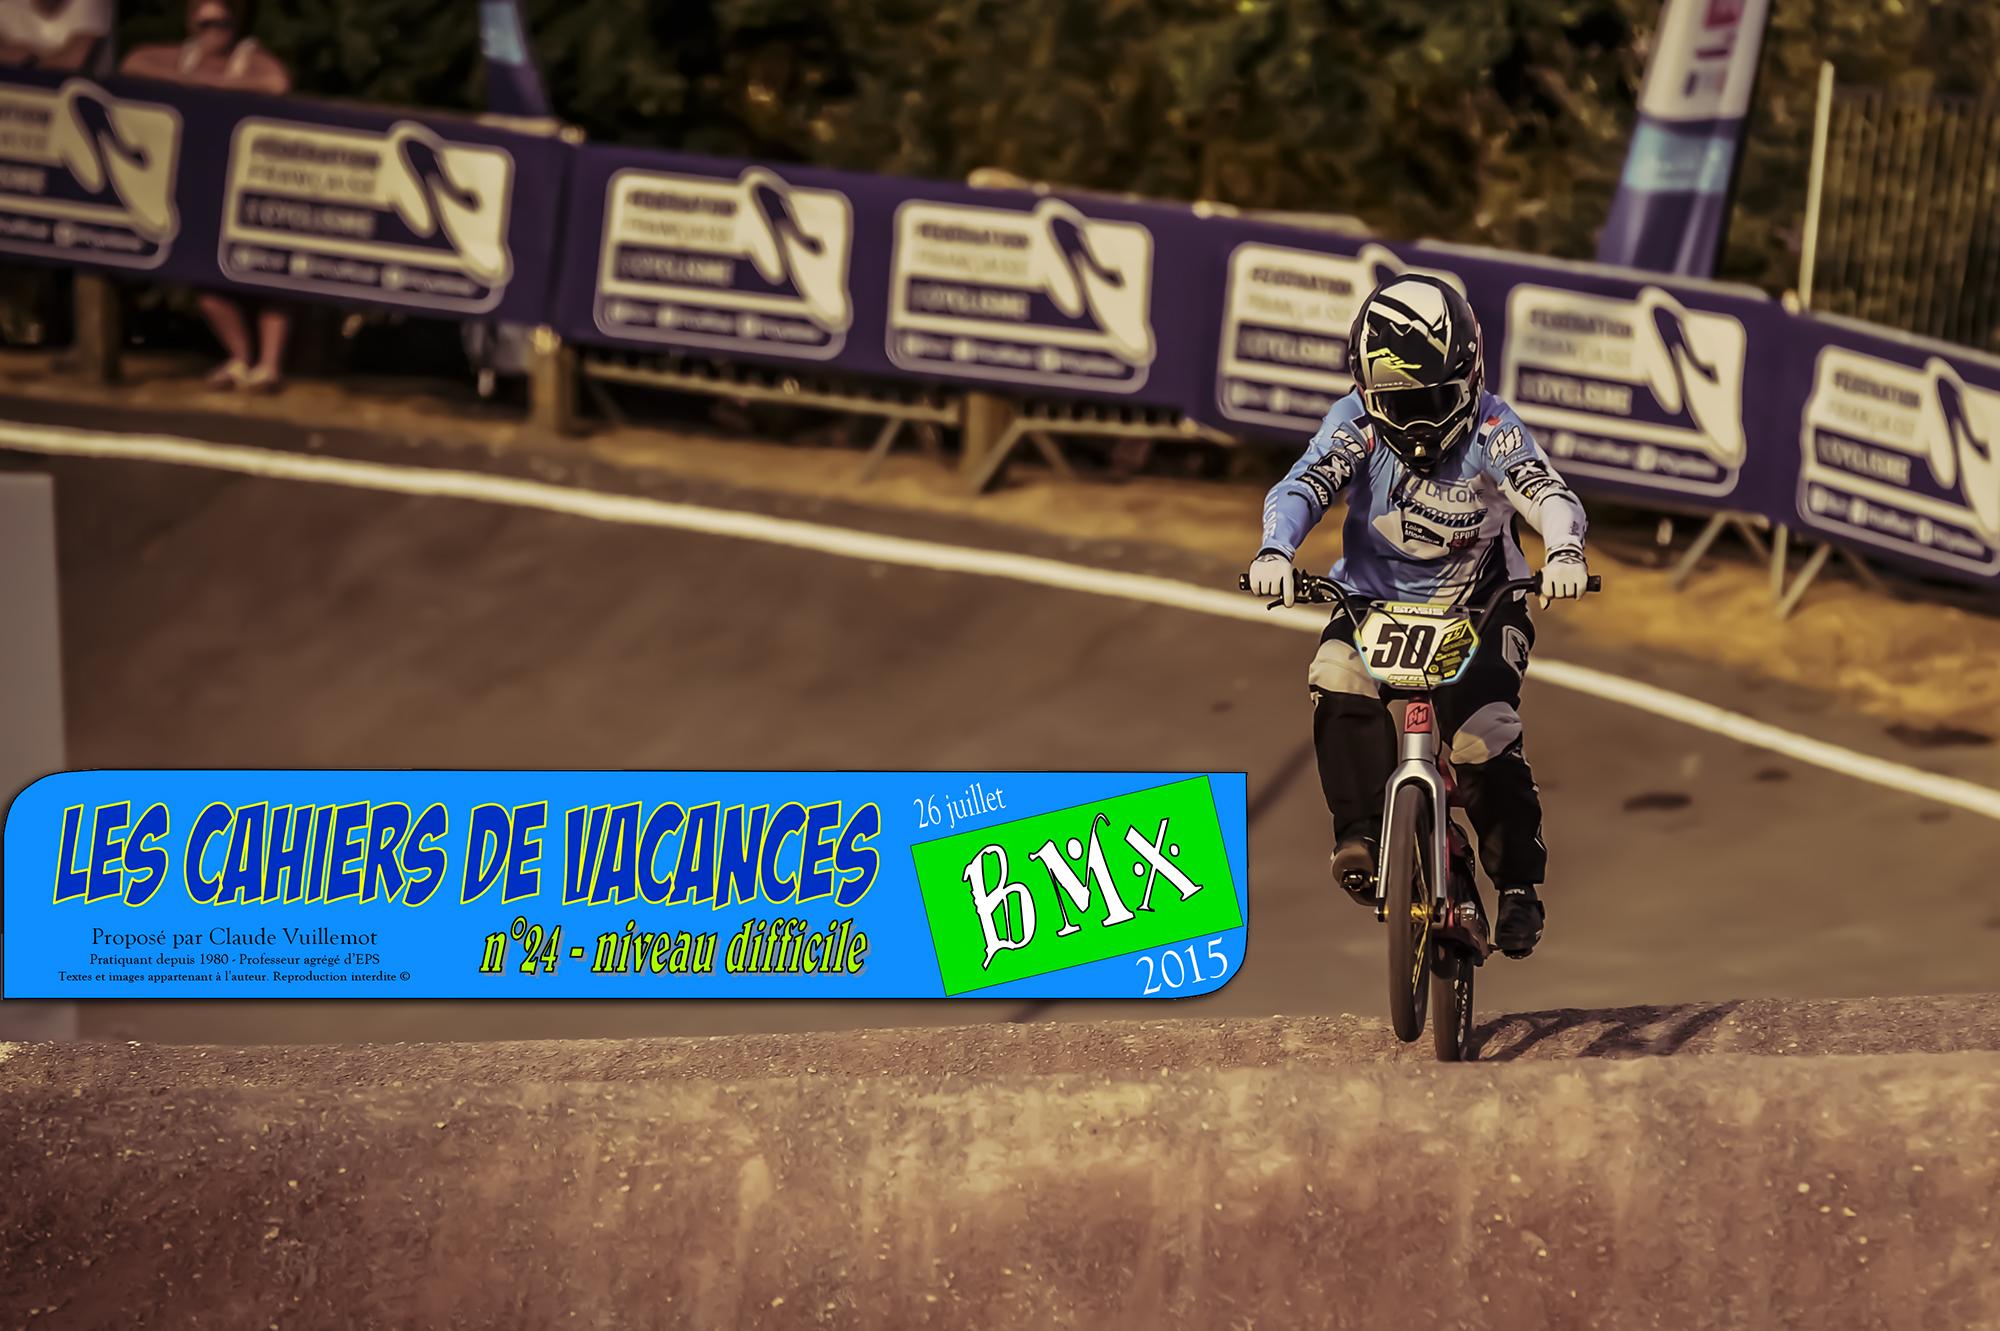 Les cahiers de vacances du BMX 4 !